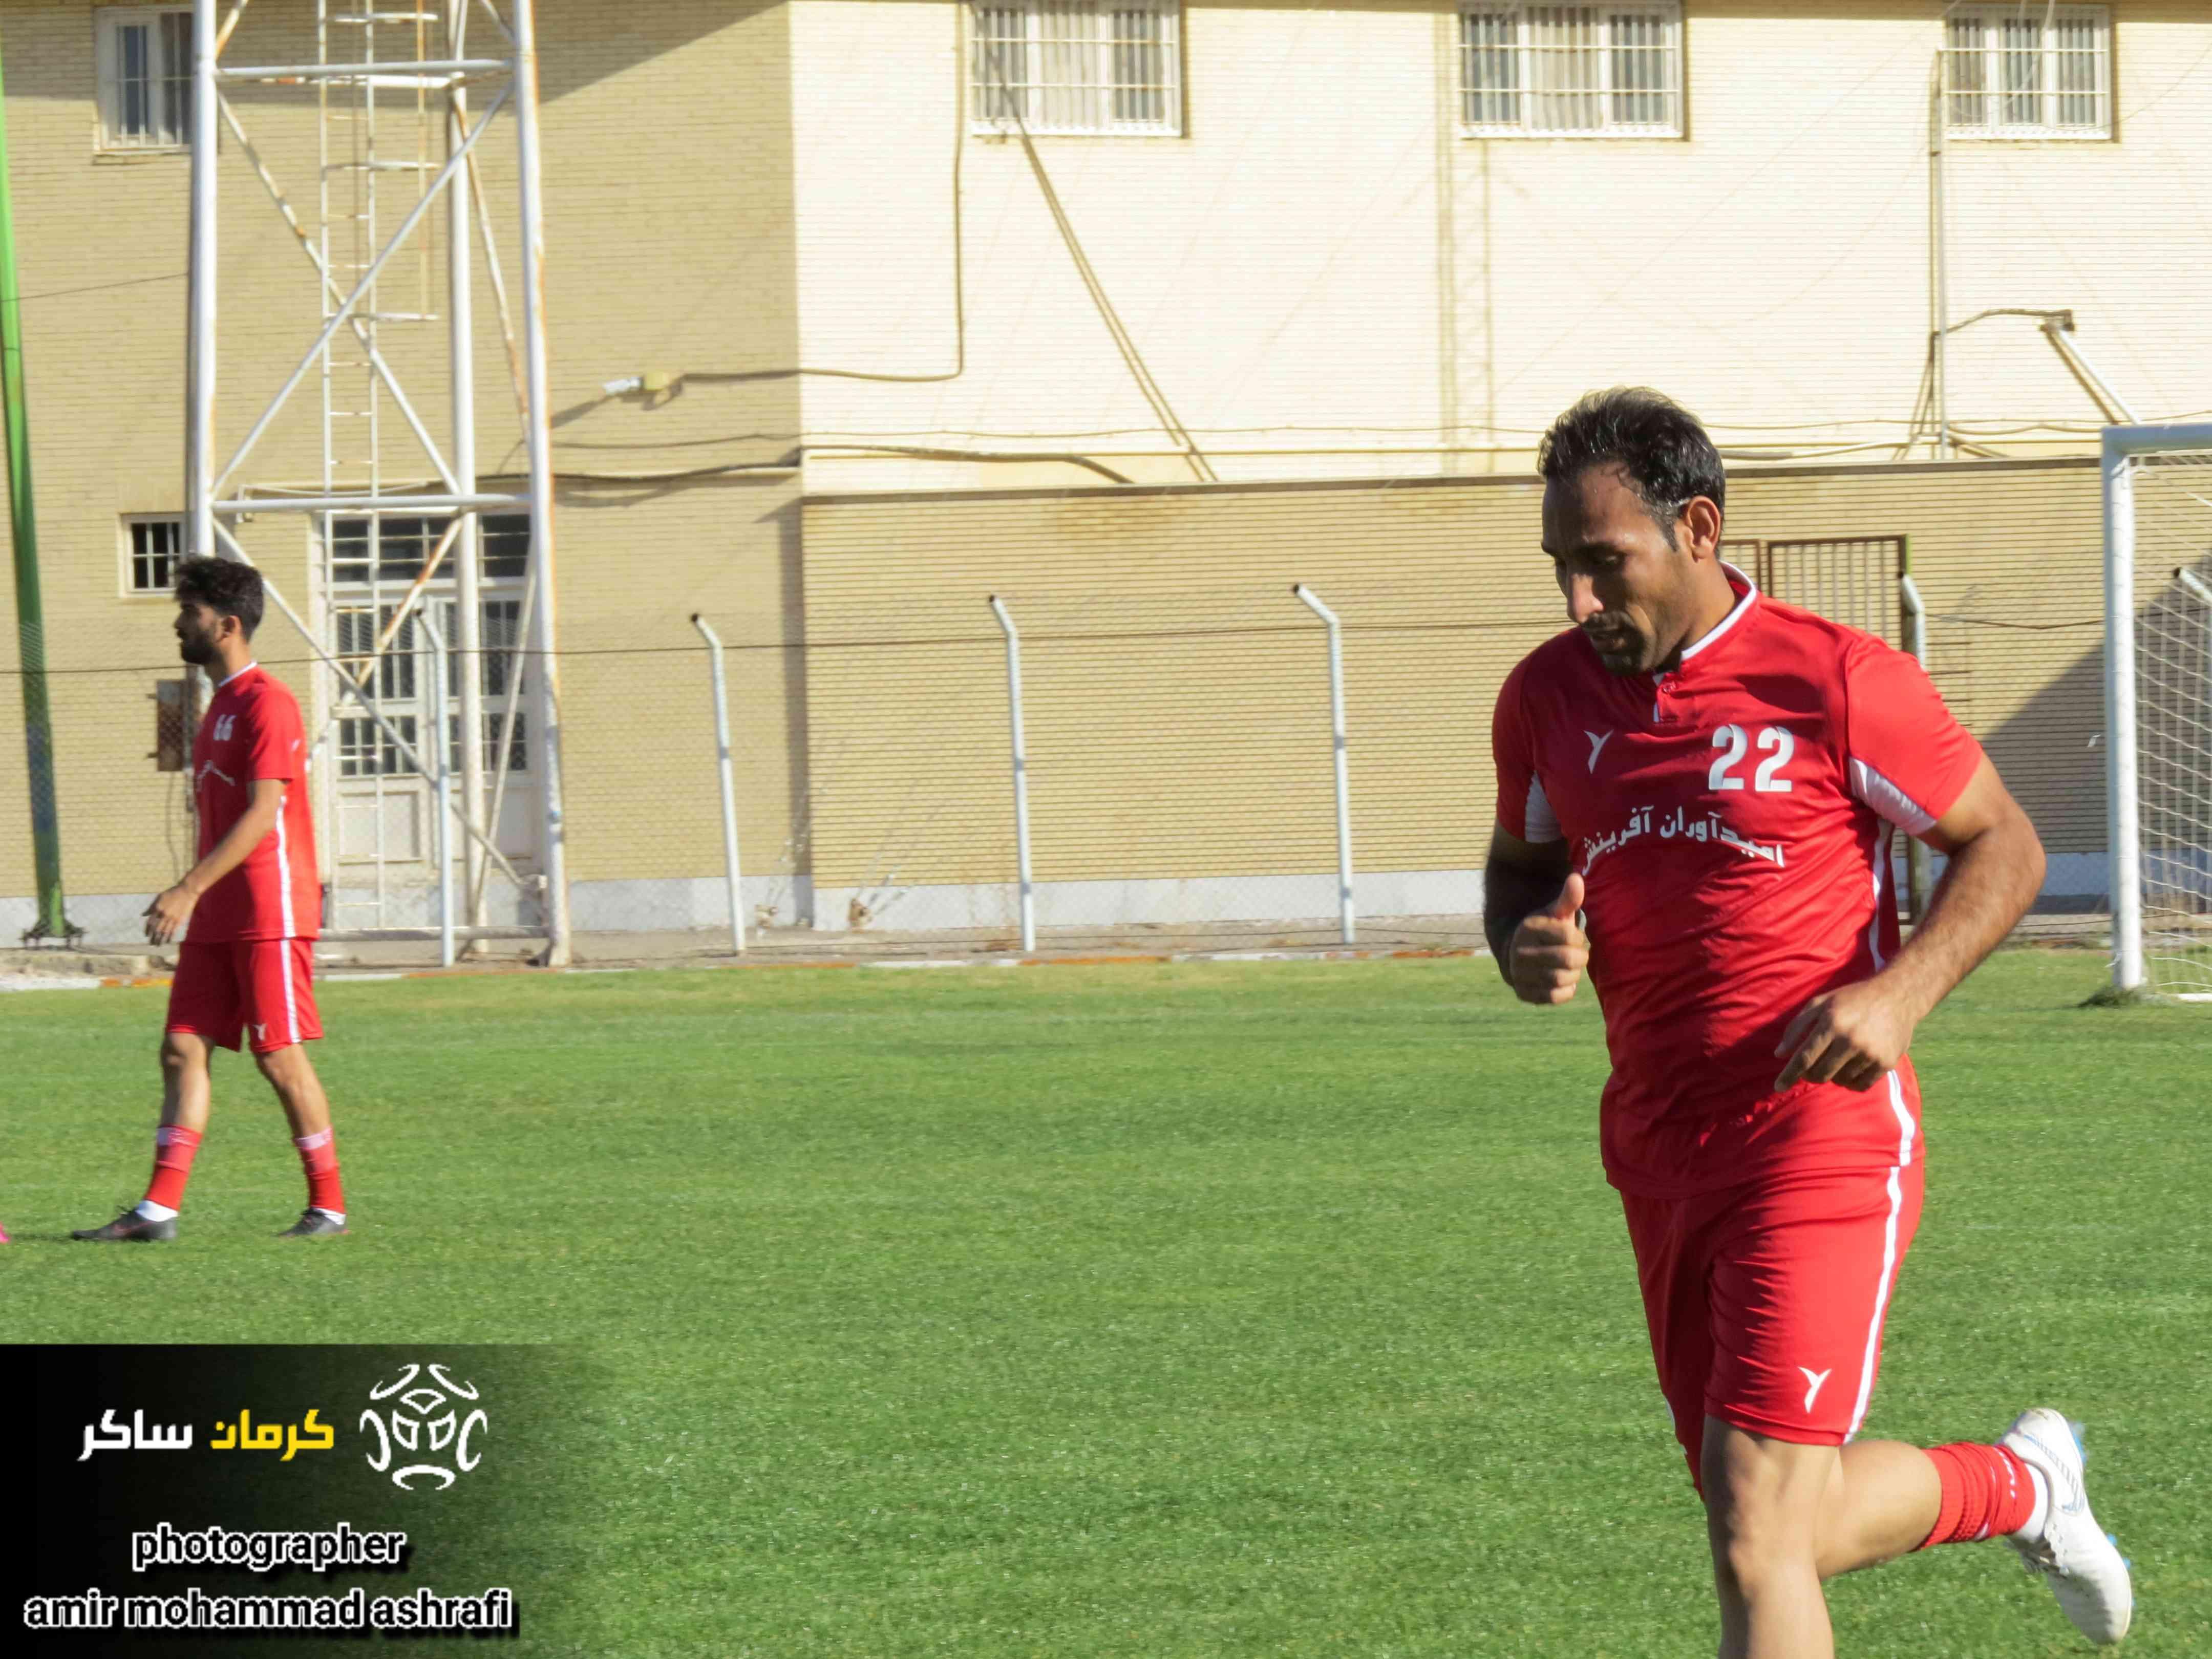 احمد حسن زاده: این بلا را مدیریت ضعیف به سر فوتبال بم آورده است